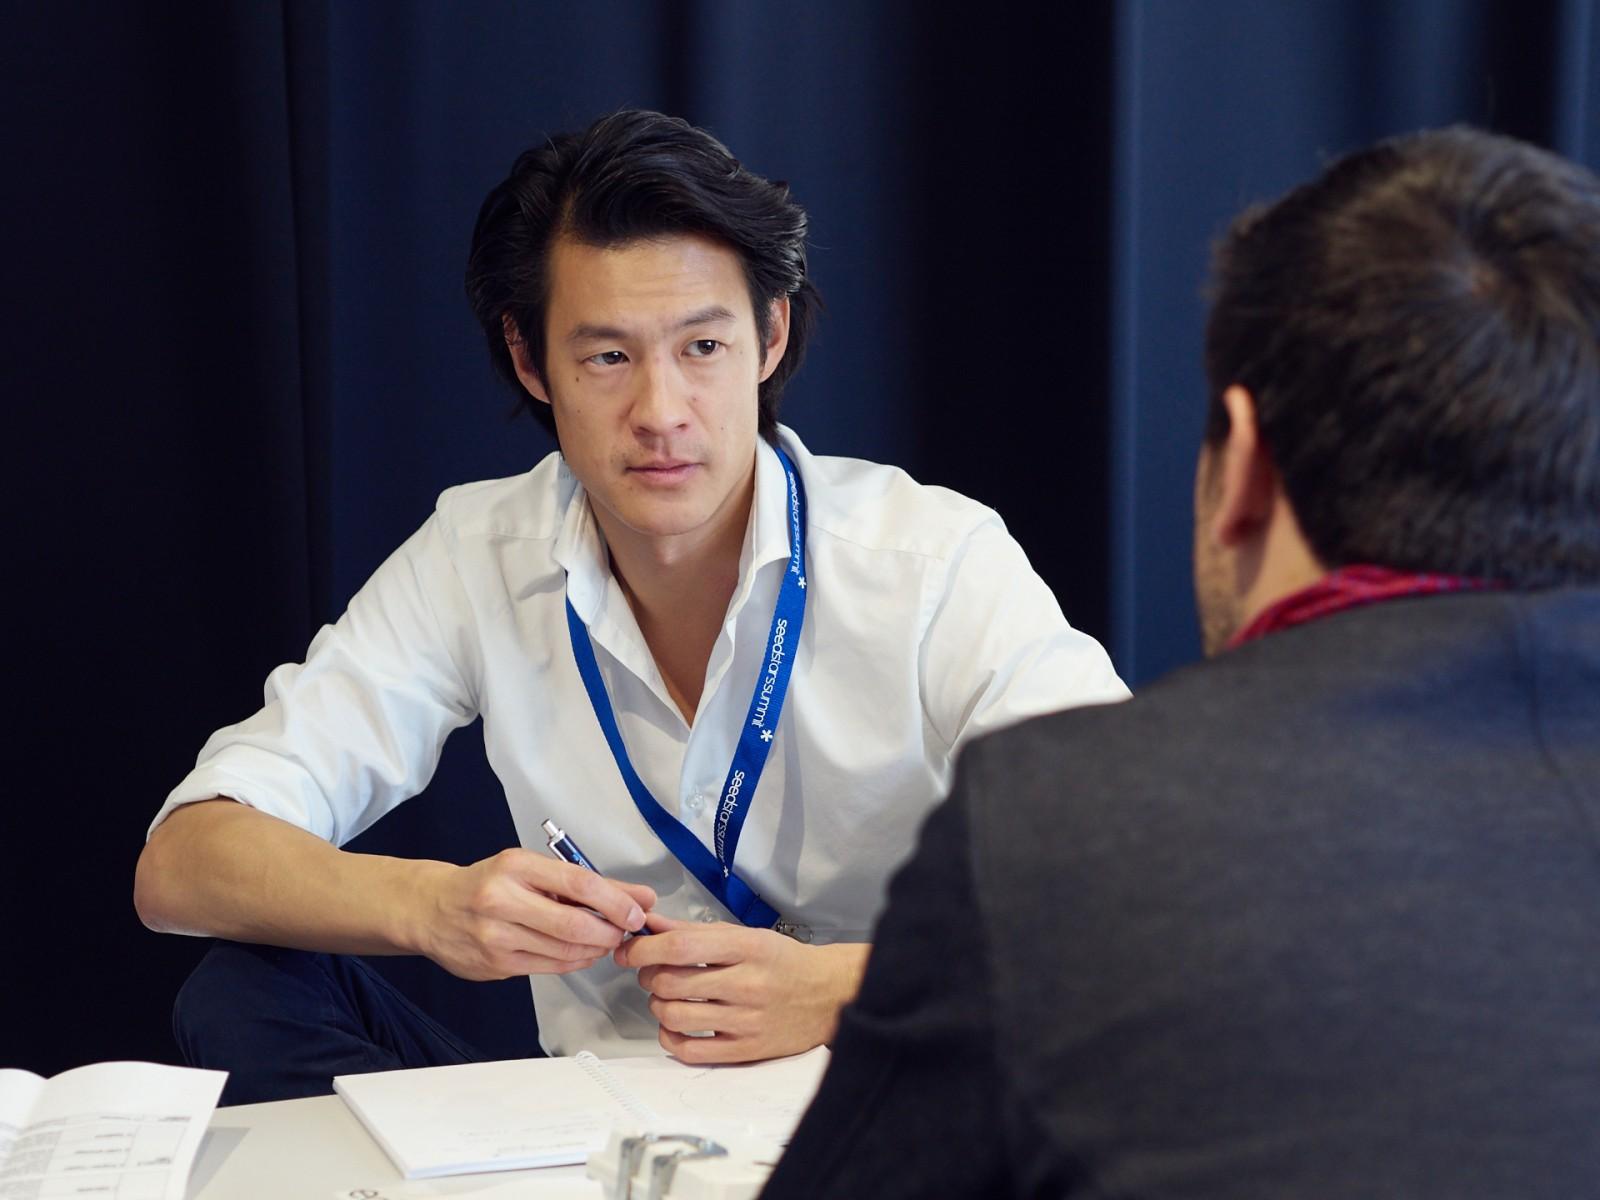 Discussion avec un mentor